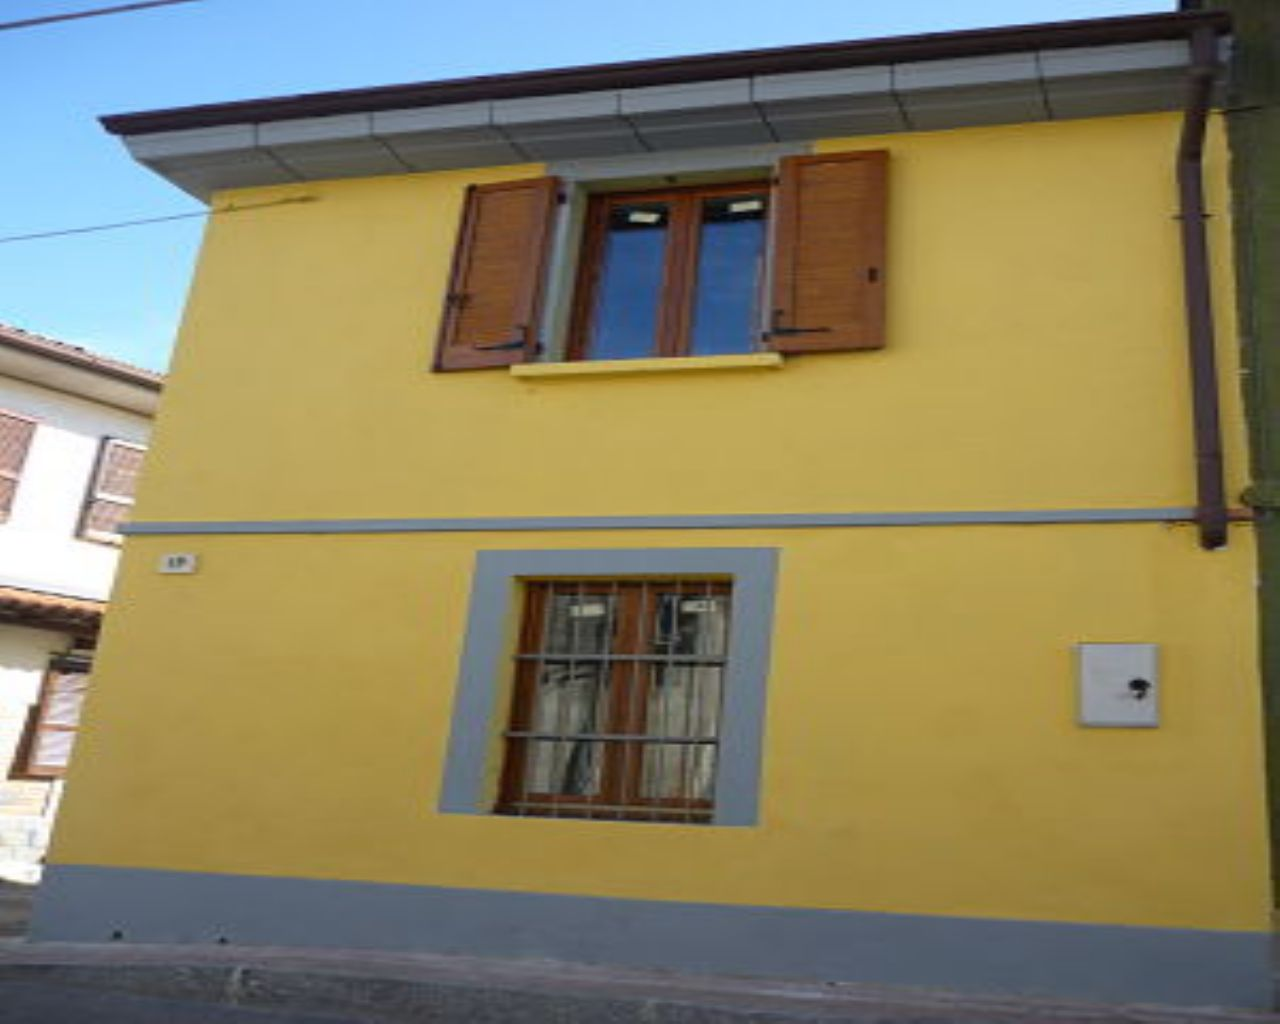 Soluzione Indipendente in vendita a Corteolona, 2 locali, zona Località: Corteolona, prezzo € 54.000 | Cambio Casa.it